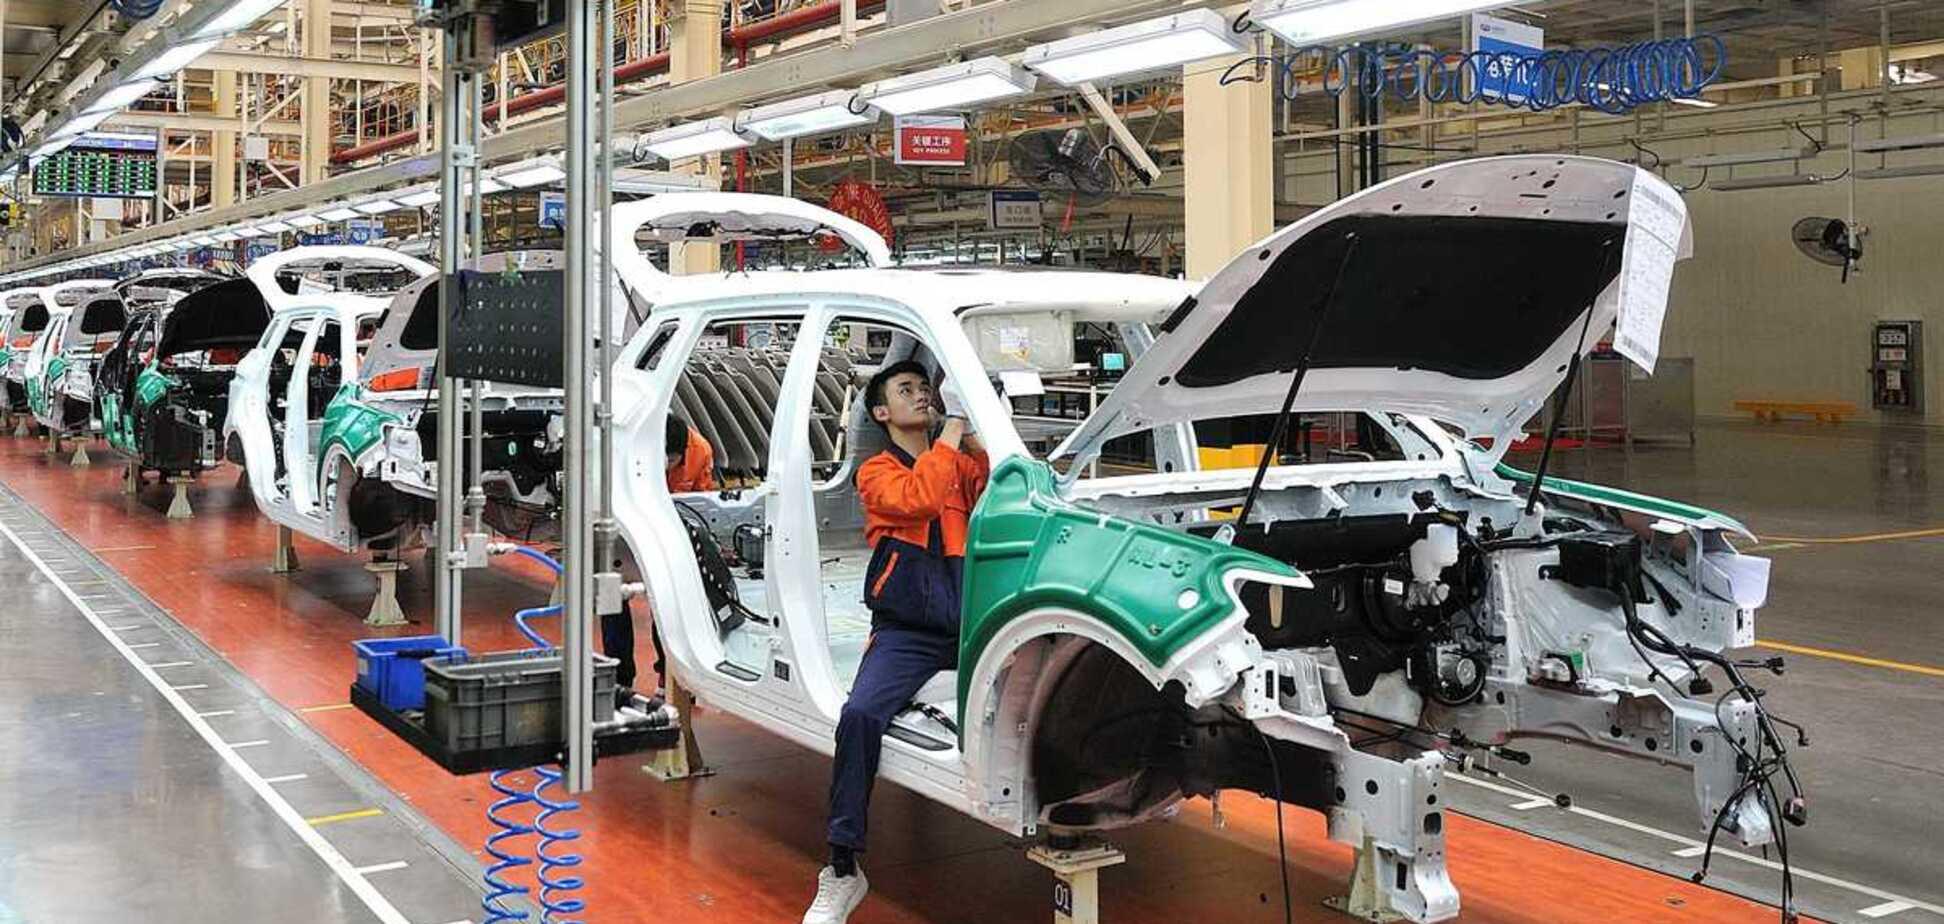 Виноваты электромобили? Производители бензиновых авто пообещали сократить тысячи рабочих